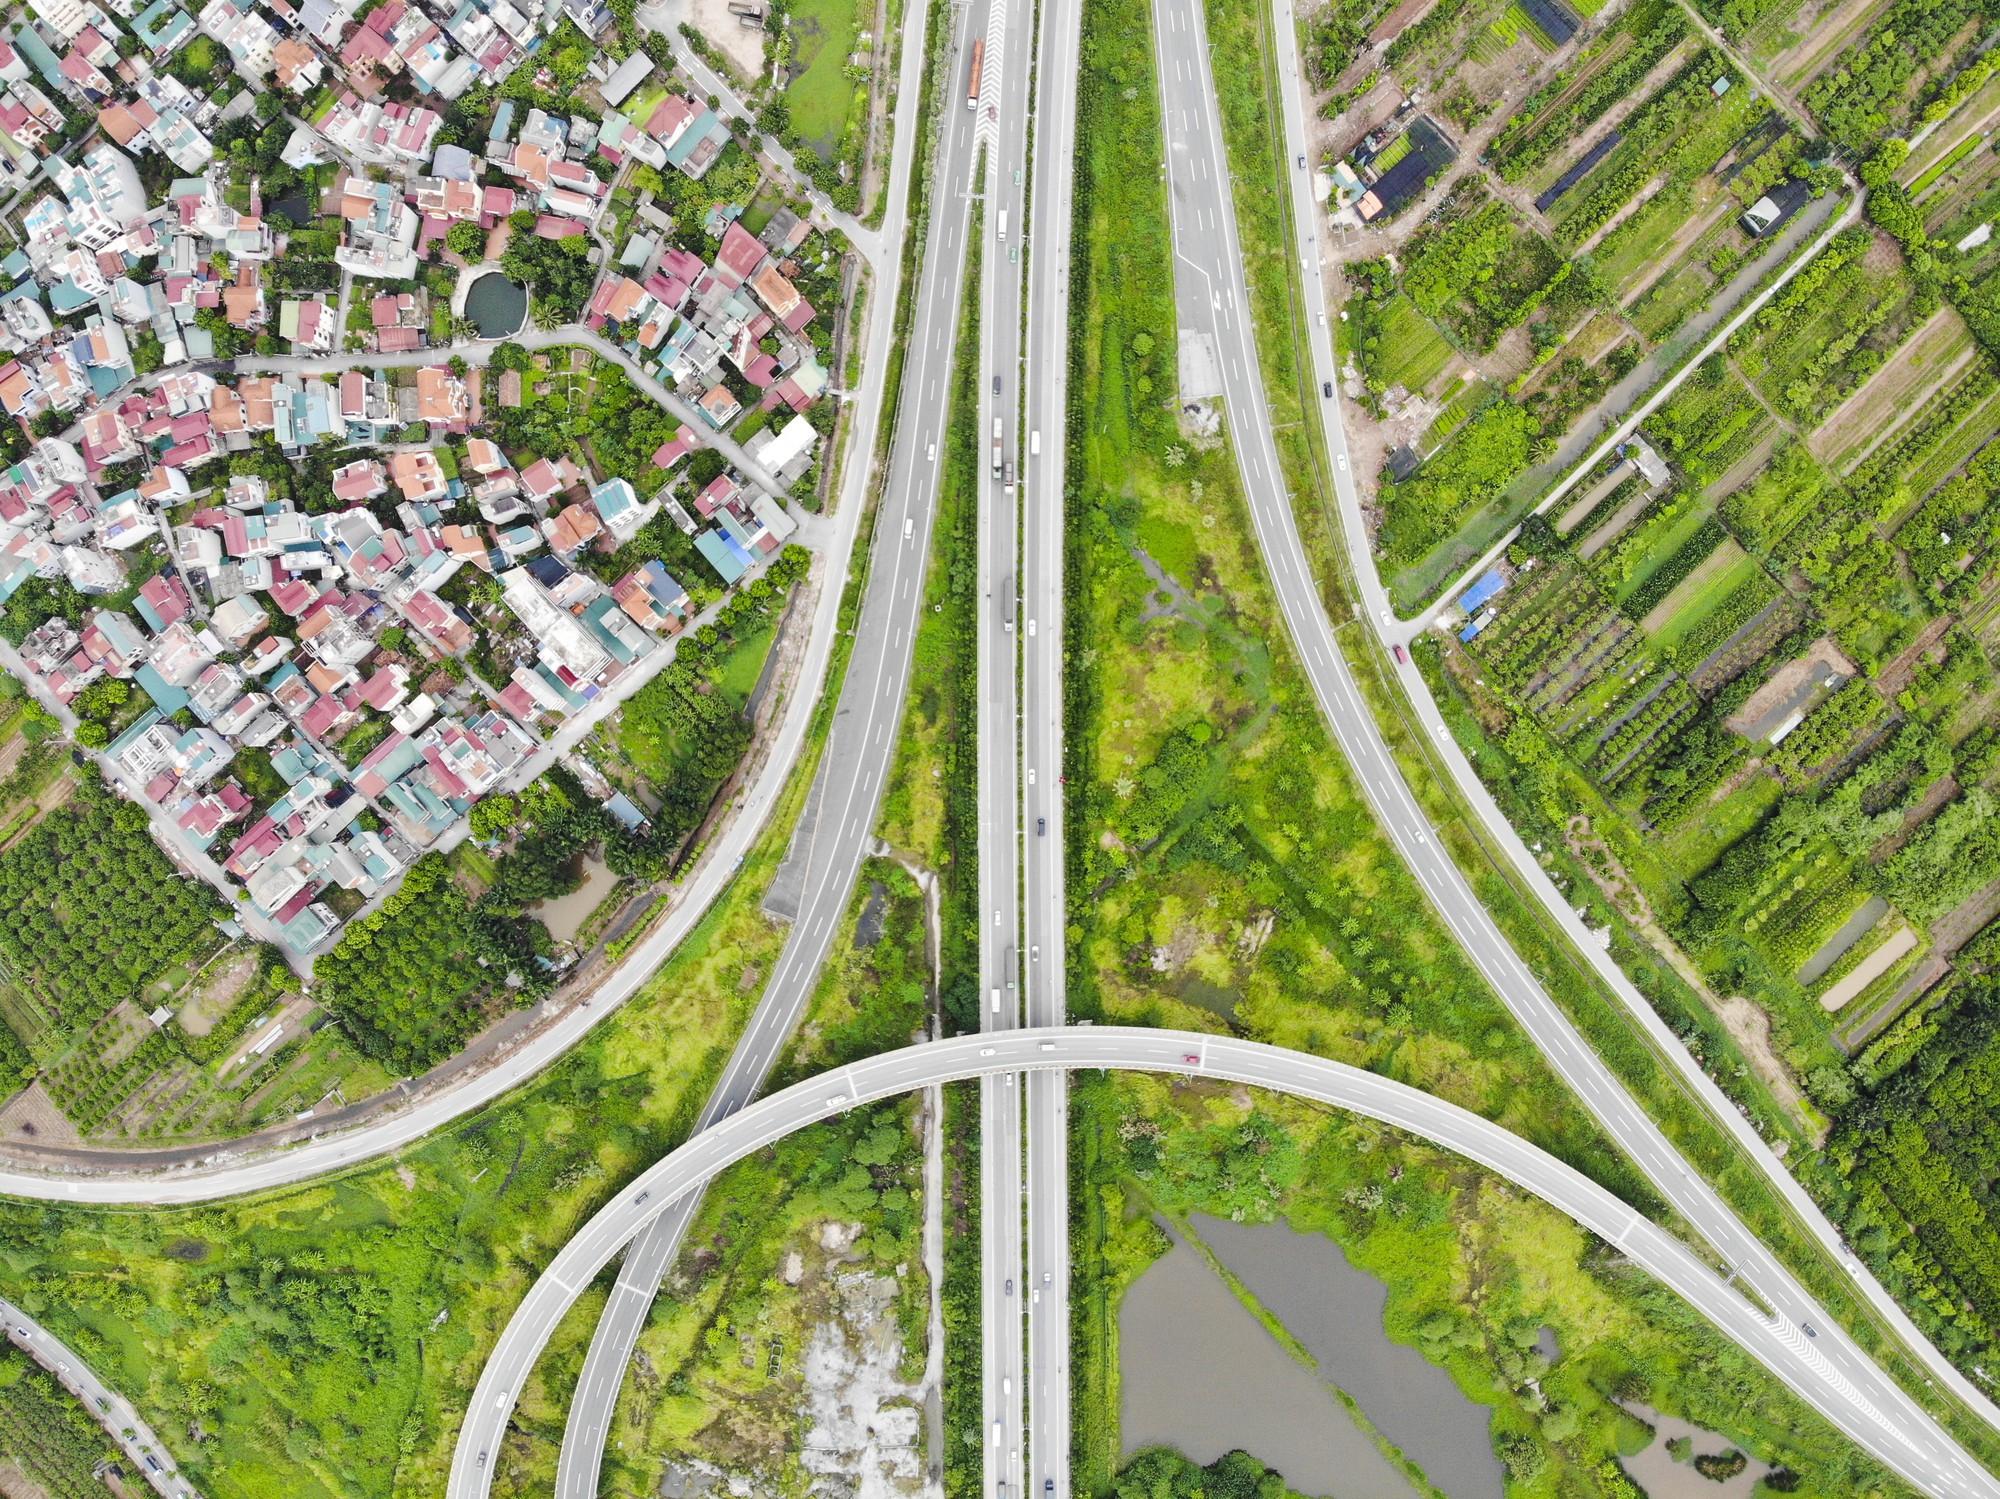 Những giao lộ khổng lồ thay đổi diện mạo cửa ngõ Thủ đô - Ảnh 4.